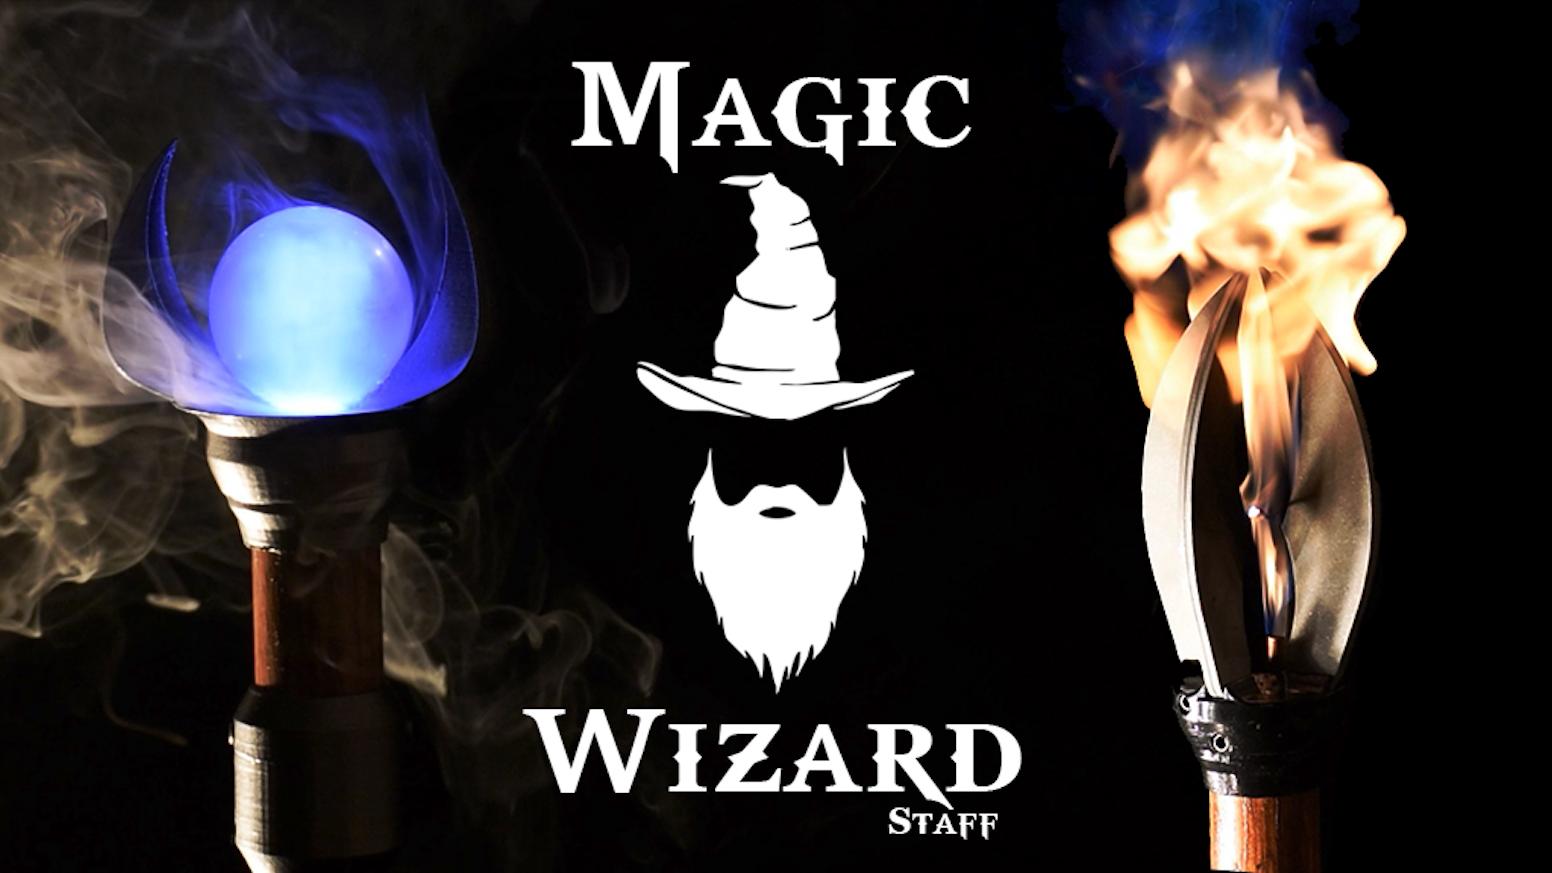 Magic Wizard Staff